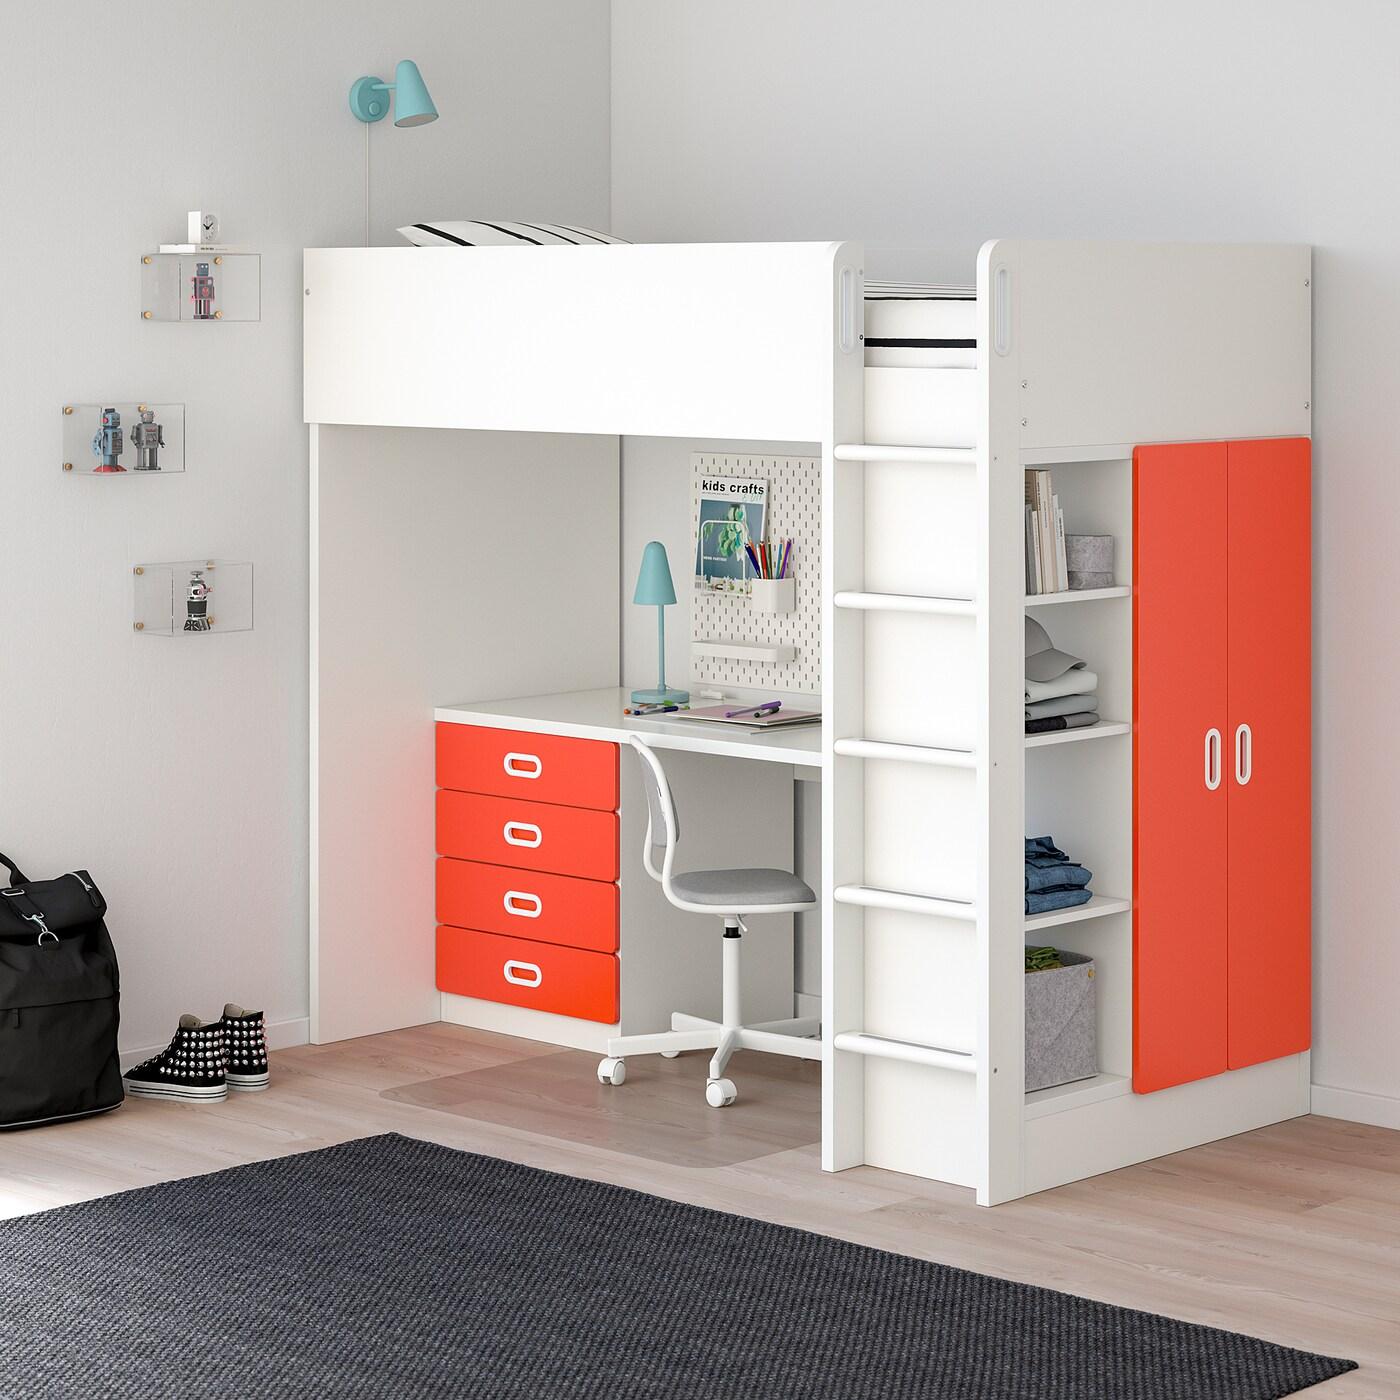 STUVA / FRITIDS hoogslapercombi m 4 lades/2 deuren wit/rood 155 cm 62 cm 74 cm 182 cm 142 cm 99 cm 207 cm 100 kg 200 cm 90 cm 20 cm